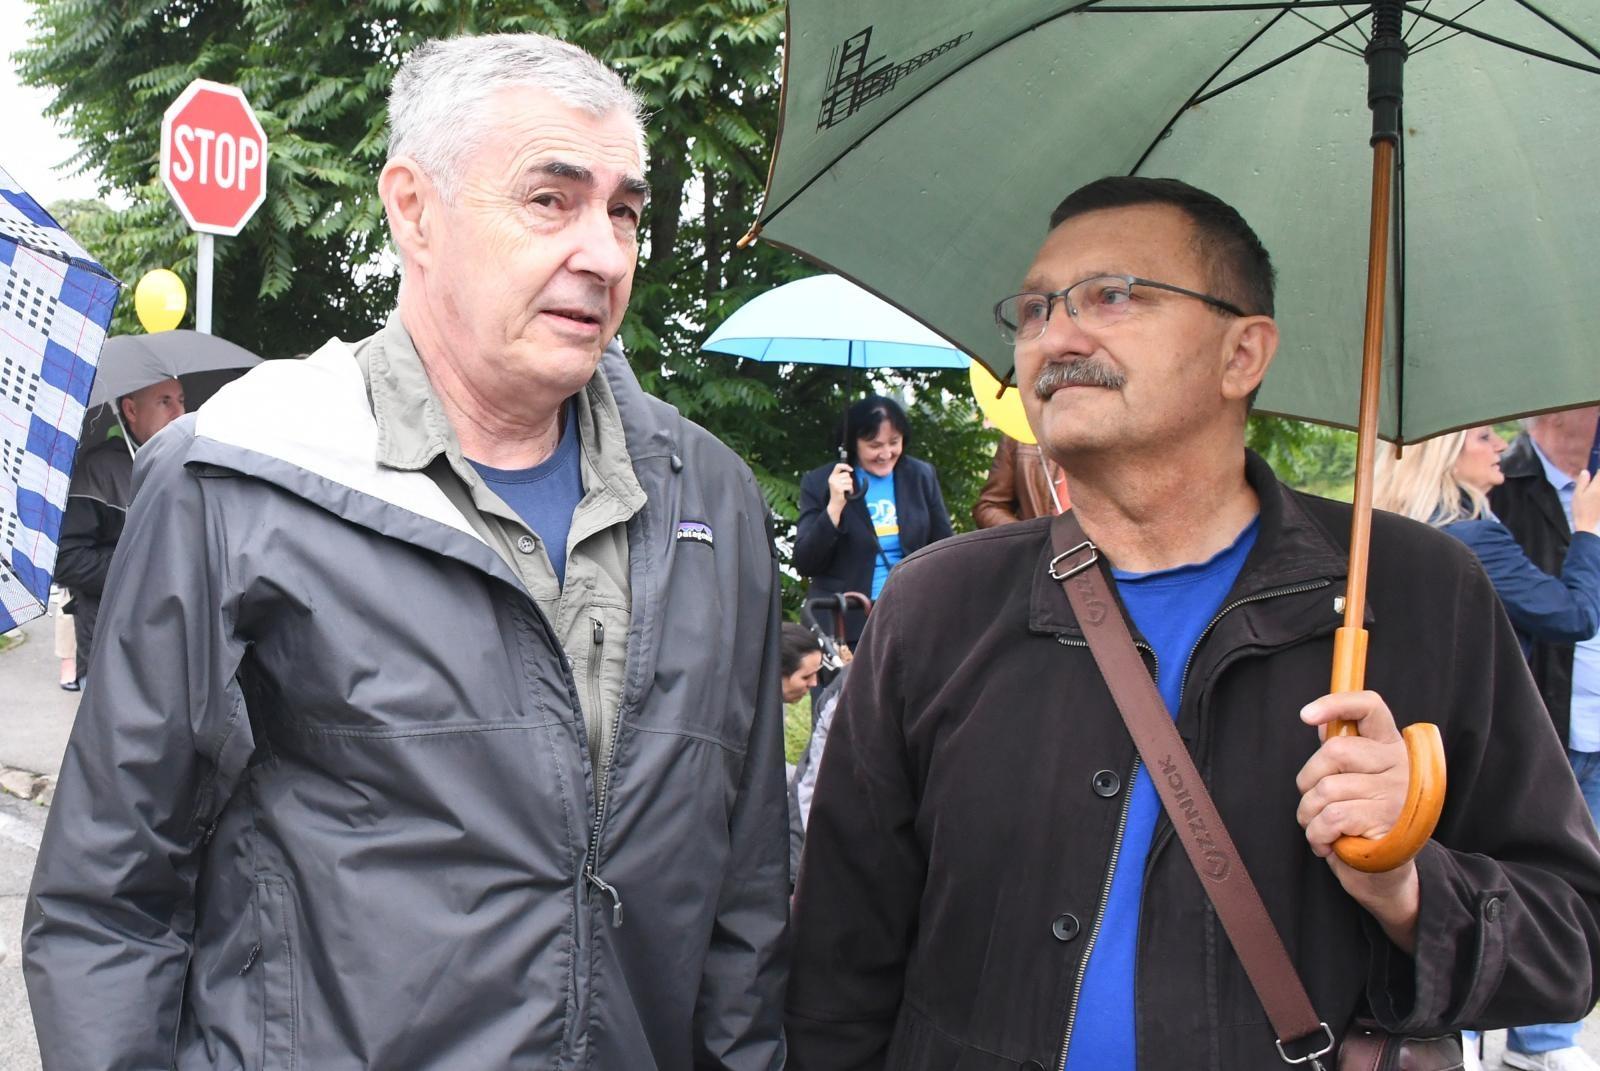 Na skupu je uočen Željko Glasnović